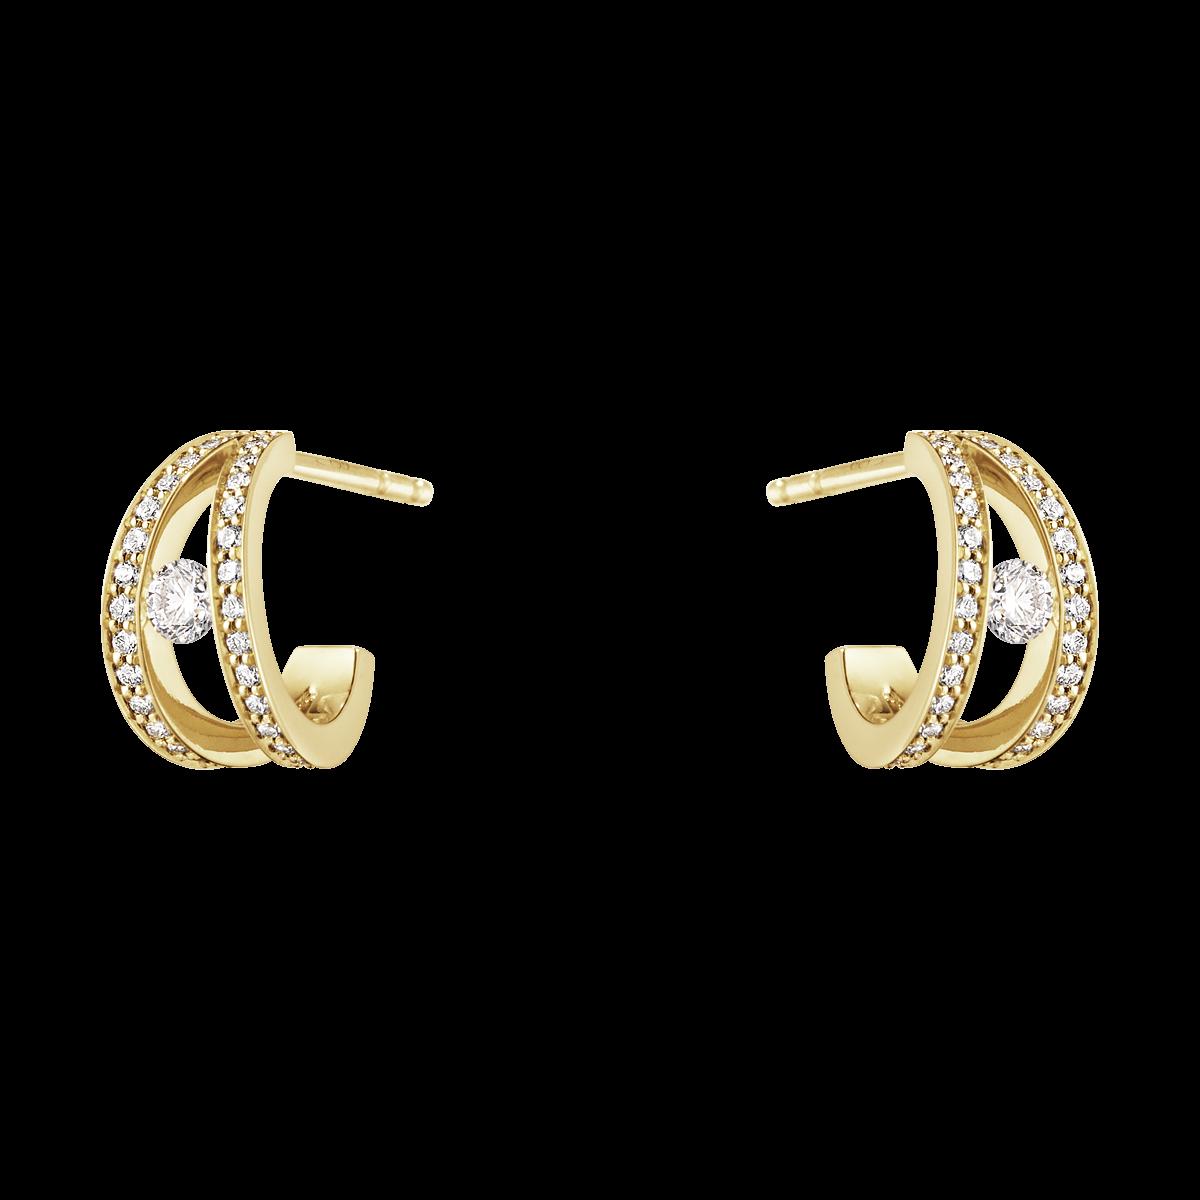 Halo Örhängen – 18 Karat  Rött Guld med Briljanter